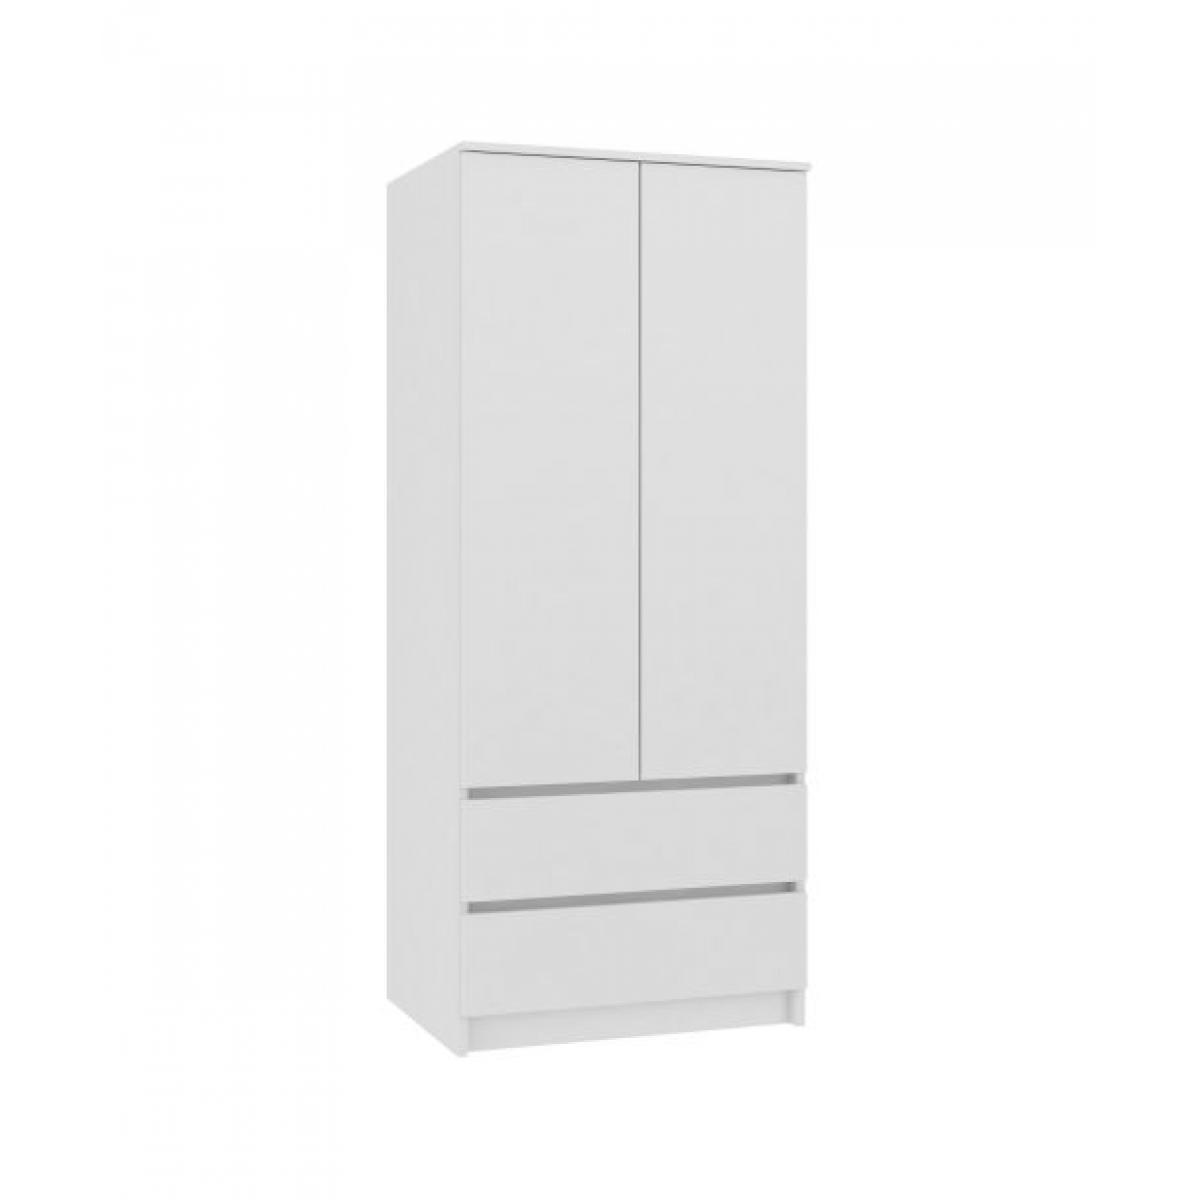 Hucoco TURIN   Armoire chambre bureau   Penderie multifonctions   2 portes   2 grands tiroirs   Meuble de rangement   Dressing